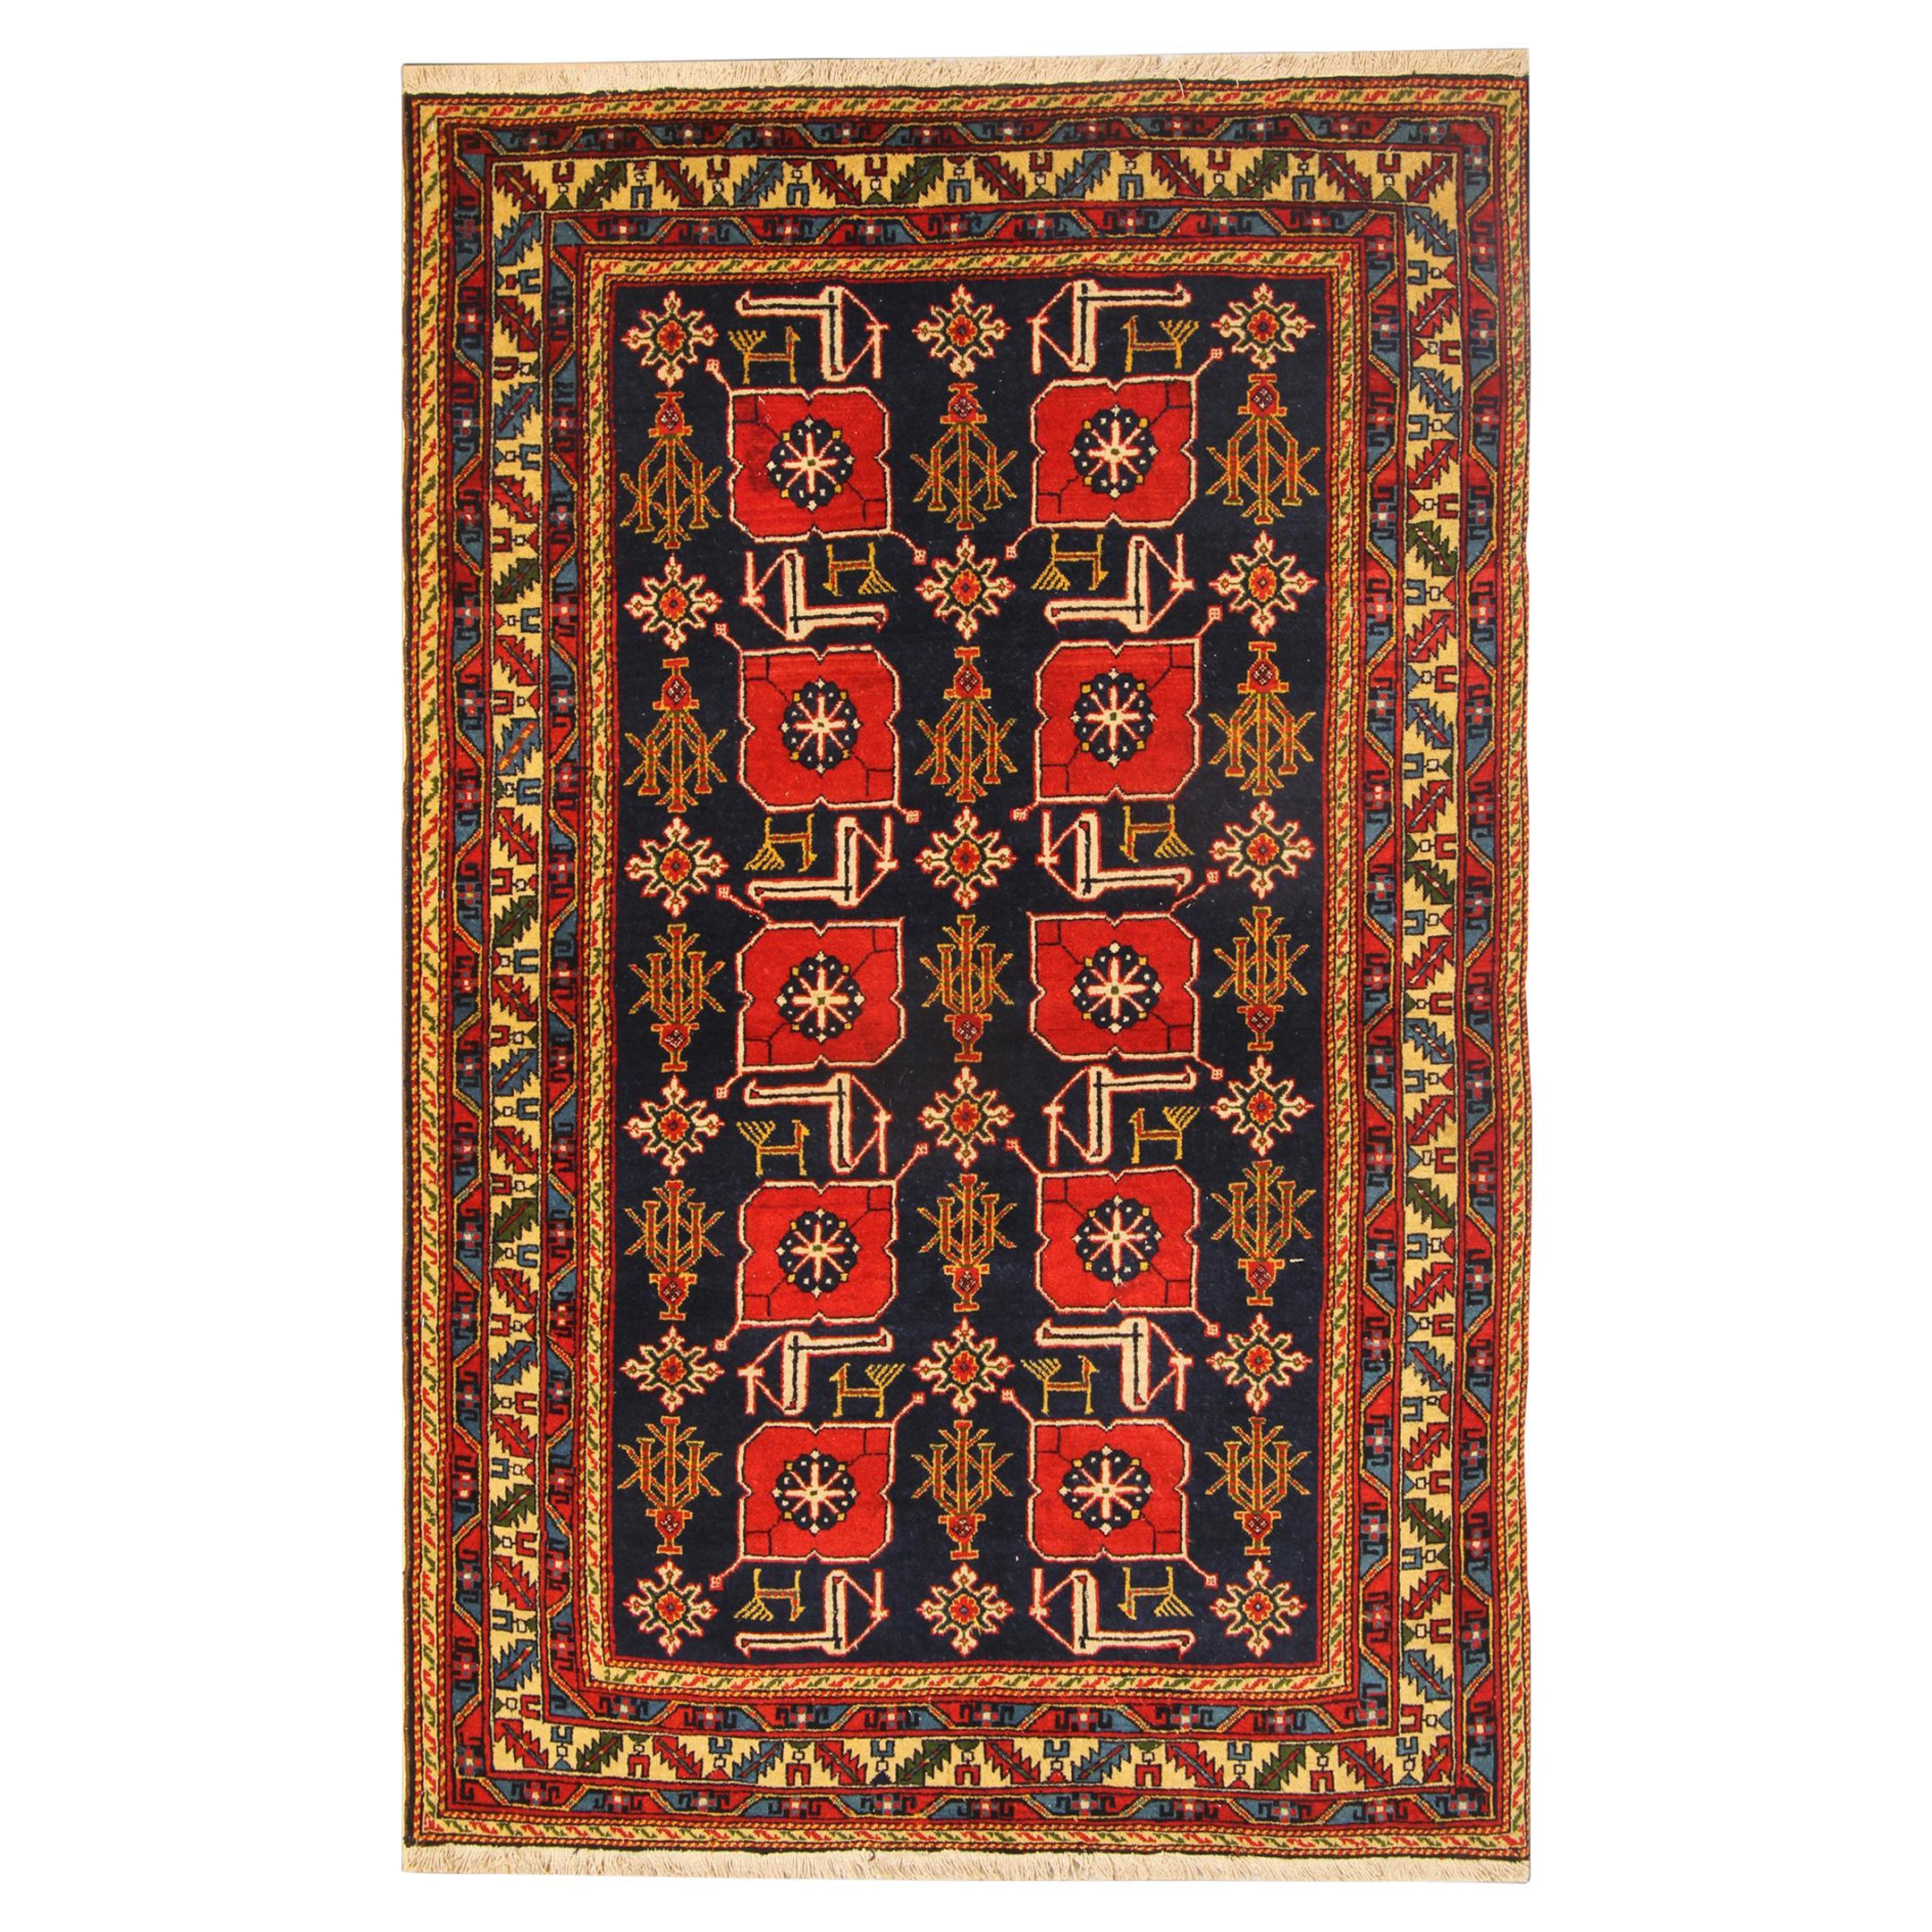 Antique Rugs, Karabagh Antique Carpet Caucasian Oriental Rugs